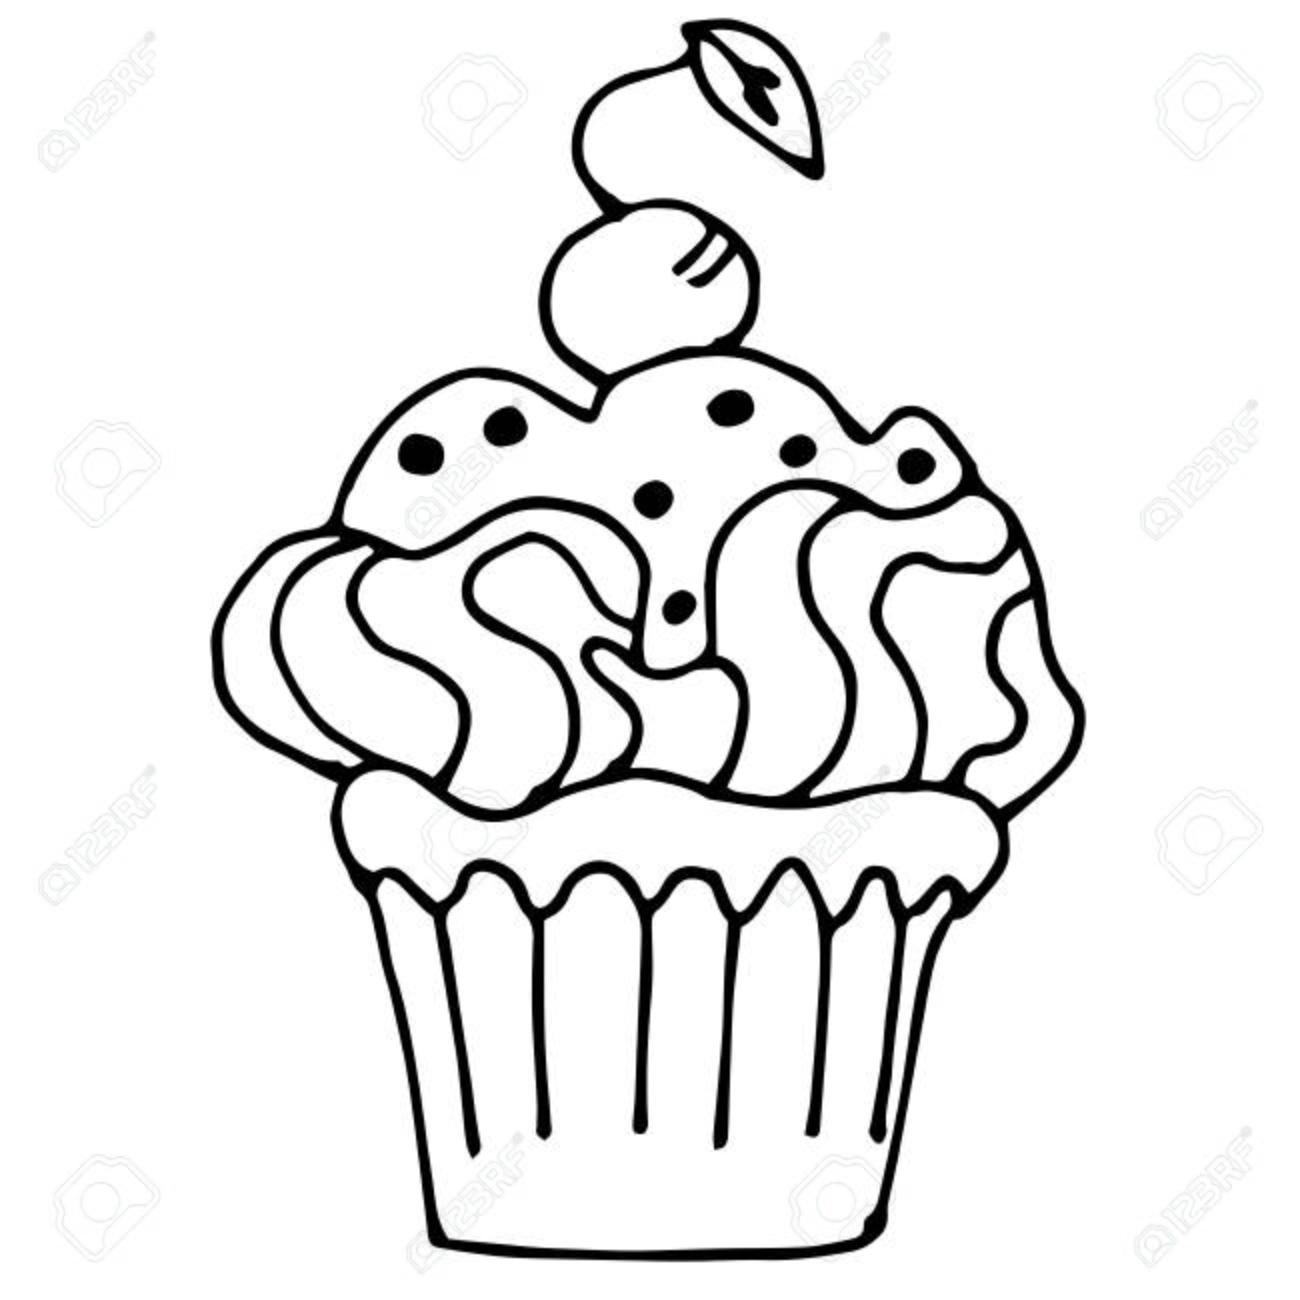 Kuchen Mit Der Erdbeere Kleiner Kuchen Gezeichnet In Die Umreiss